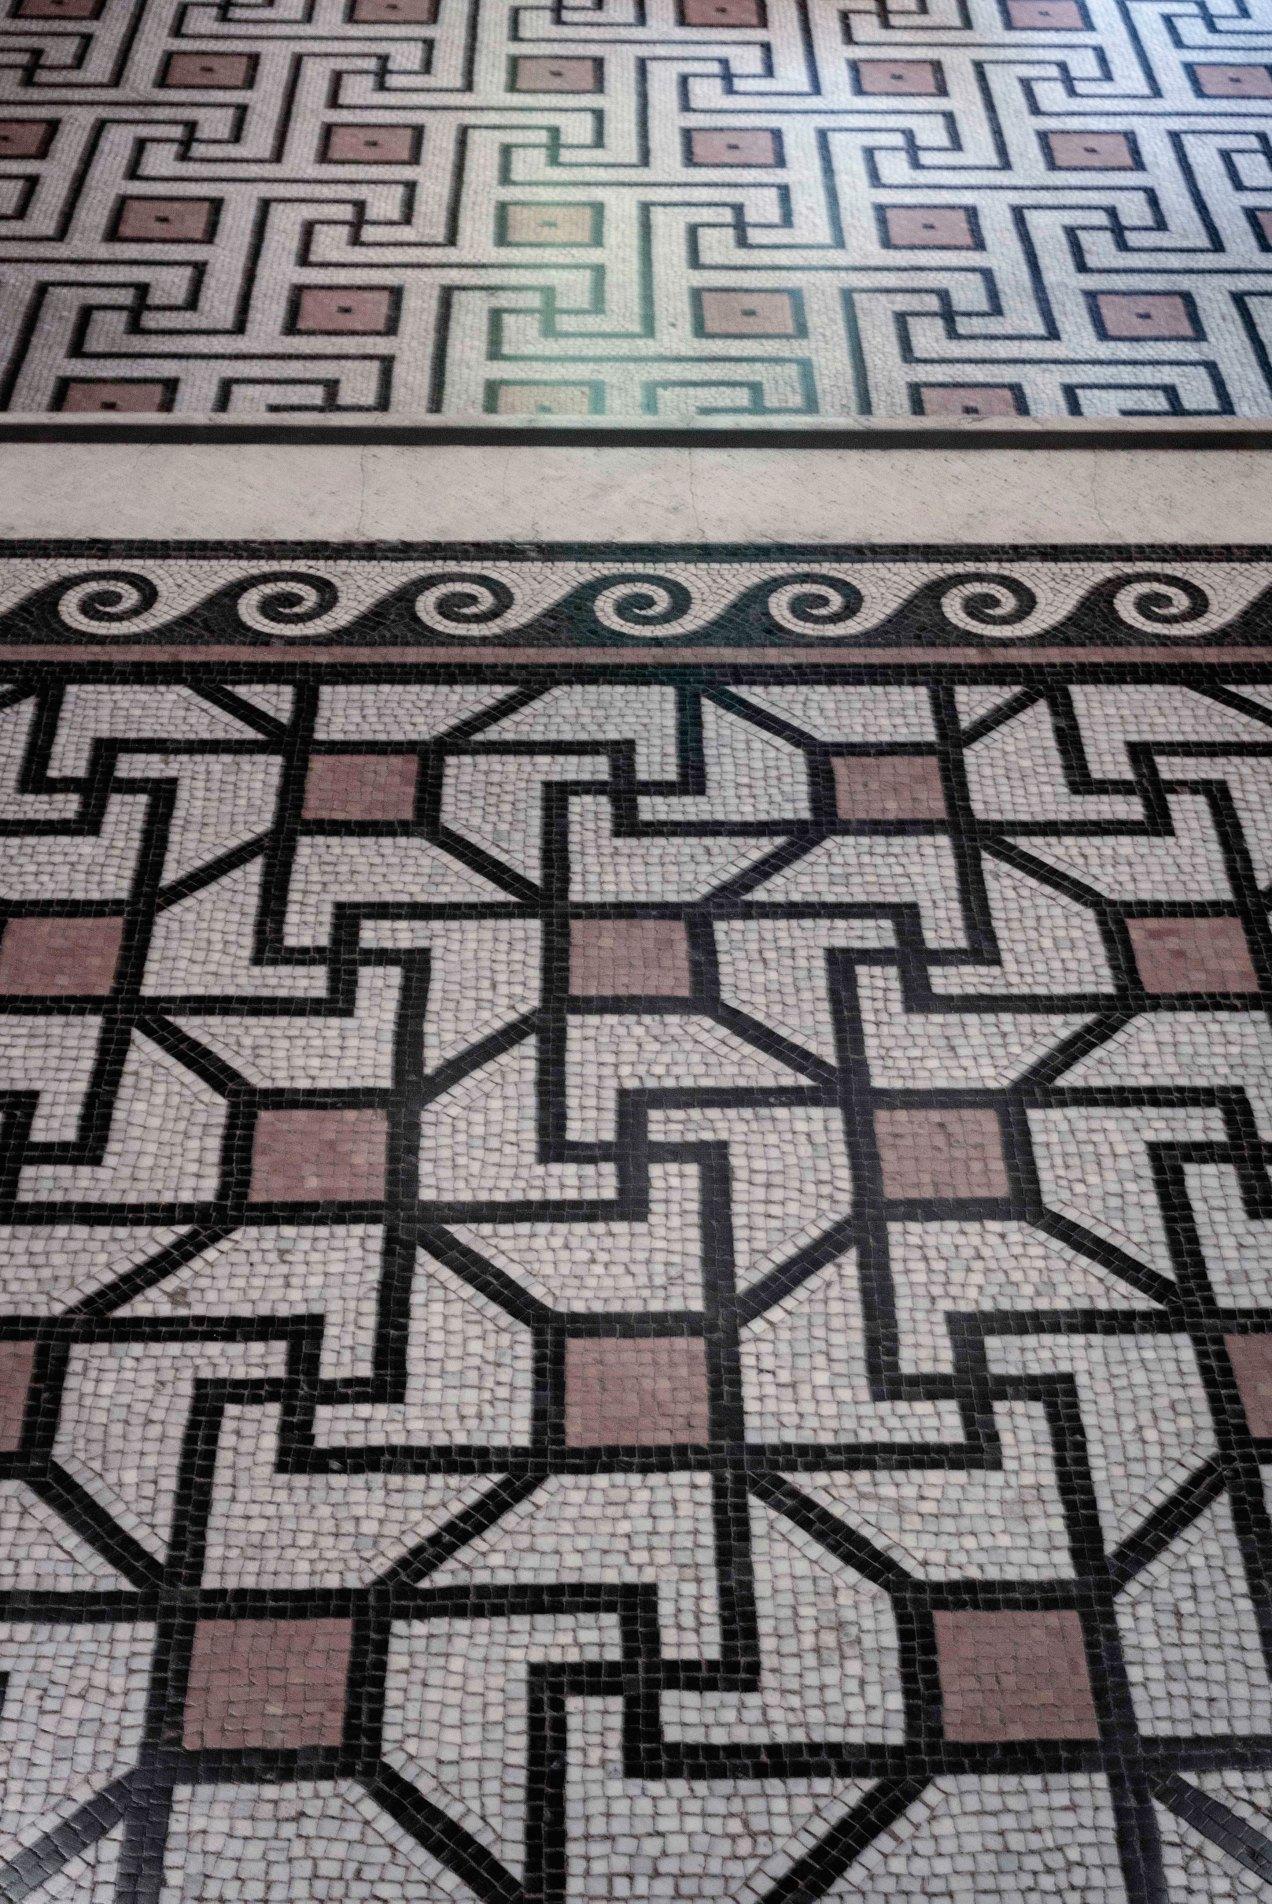 Mosaiques musée Cernuschi,gildalliere, 2017